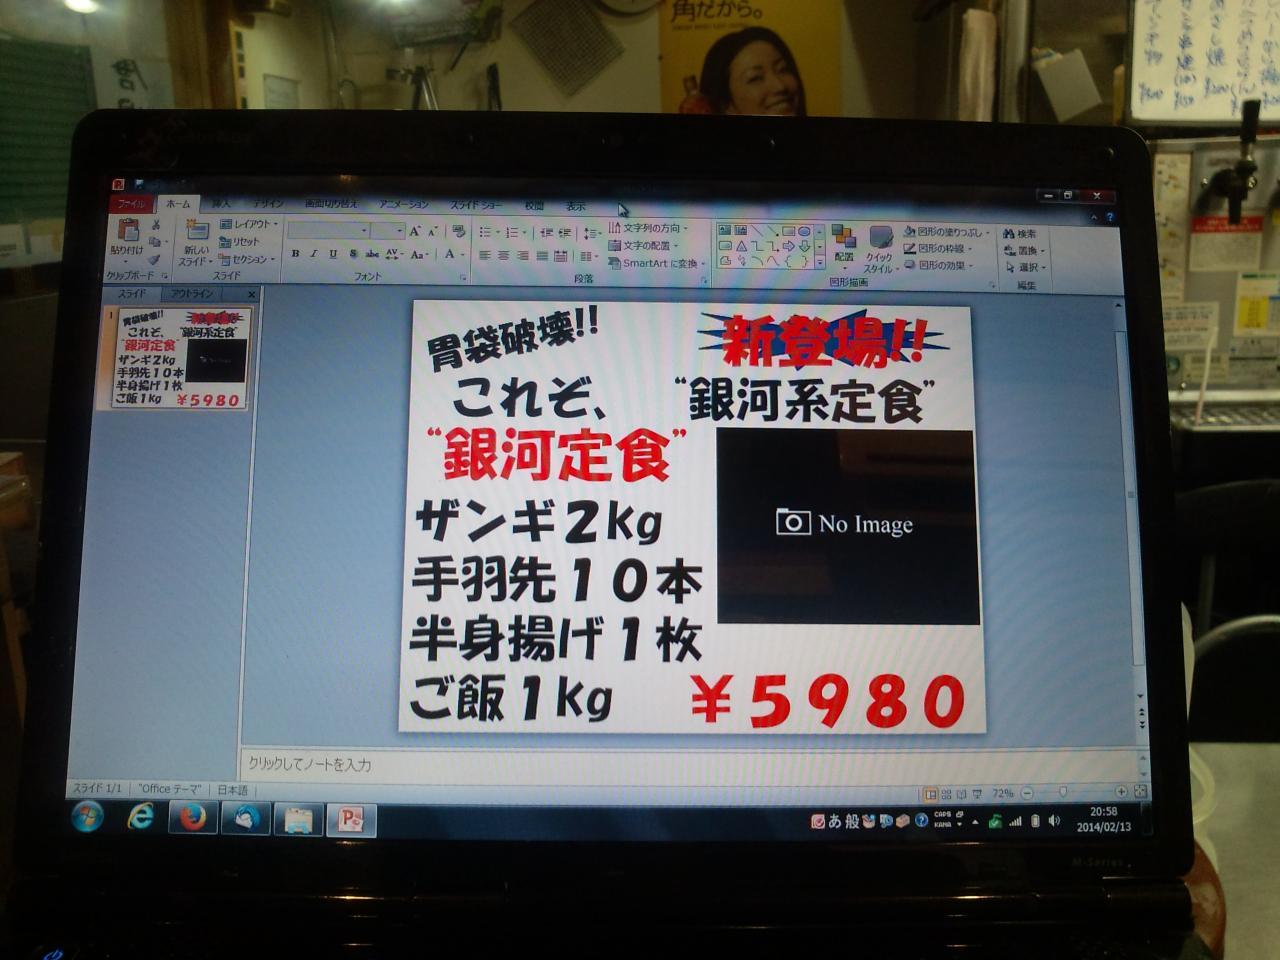 えぞや六角橋店(新しいメニュー)